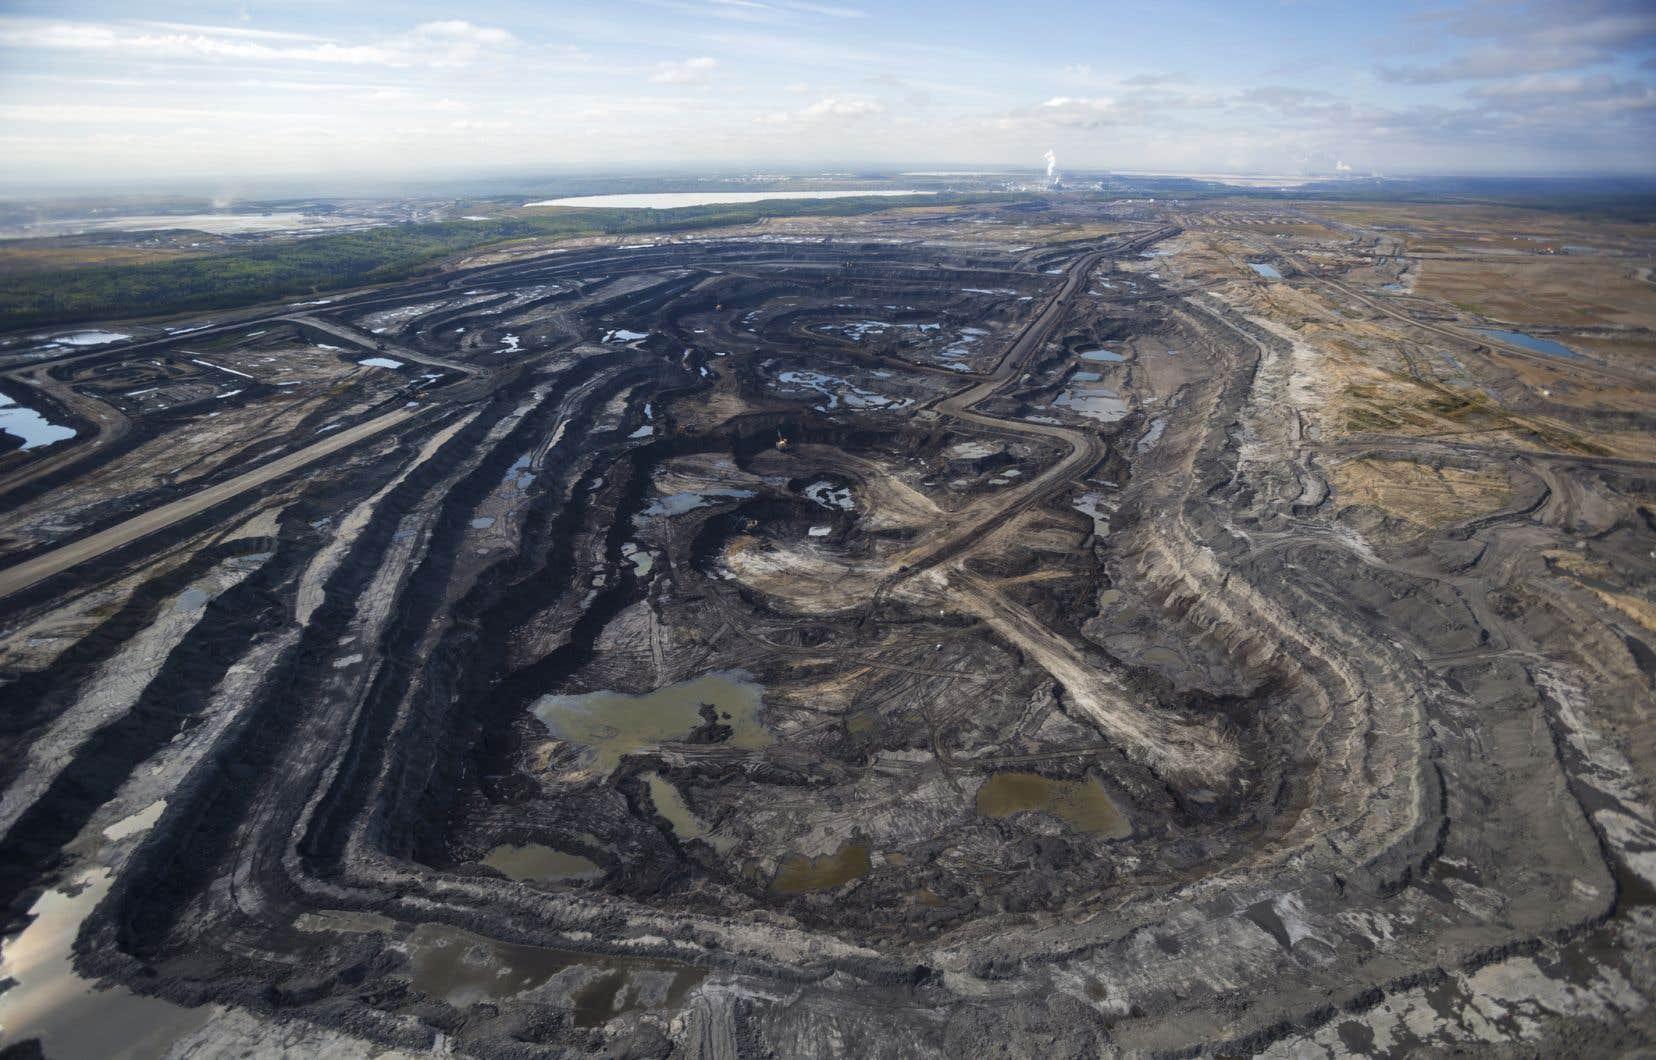 Les documents allèguent qu'Exxon a sous-évalué de 30milliards l'impact de la tarification du carbone sur 14 projets de sables bitumineux en Alberta.